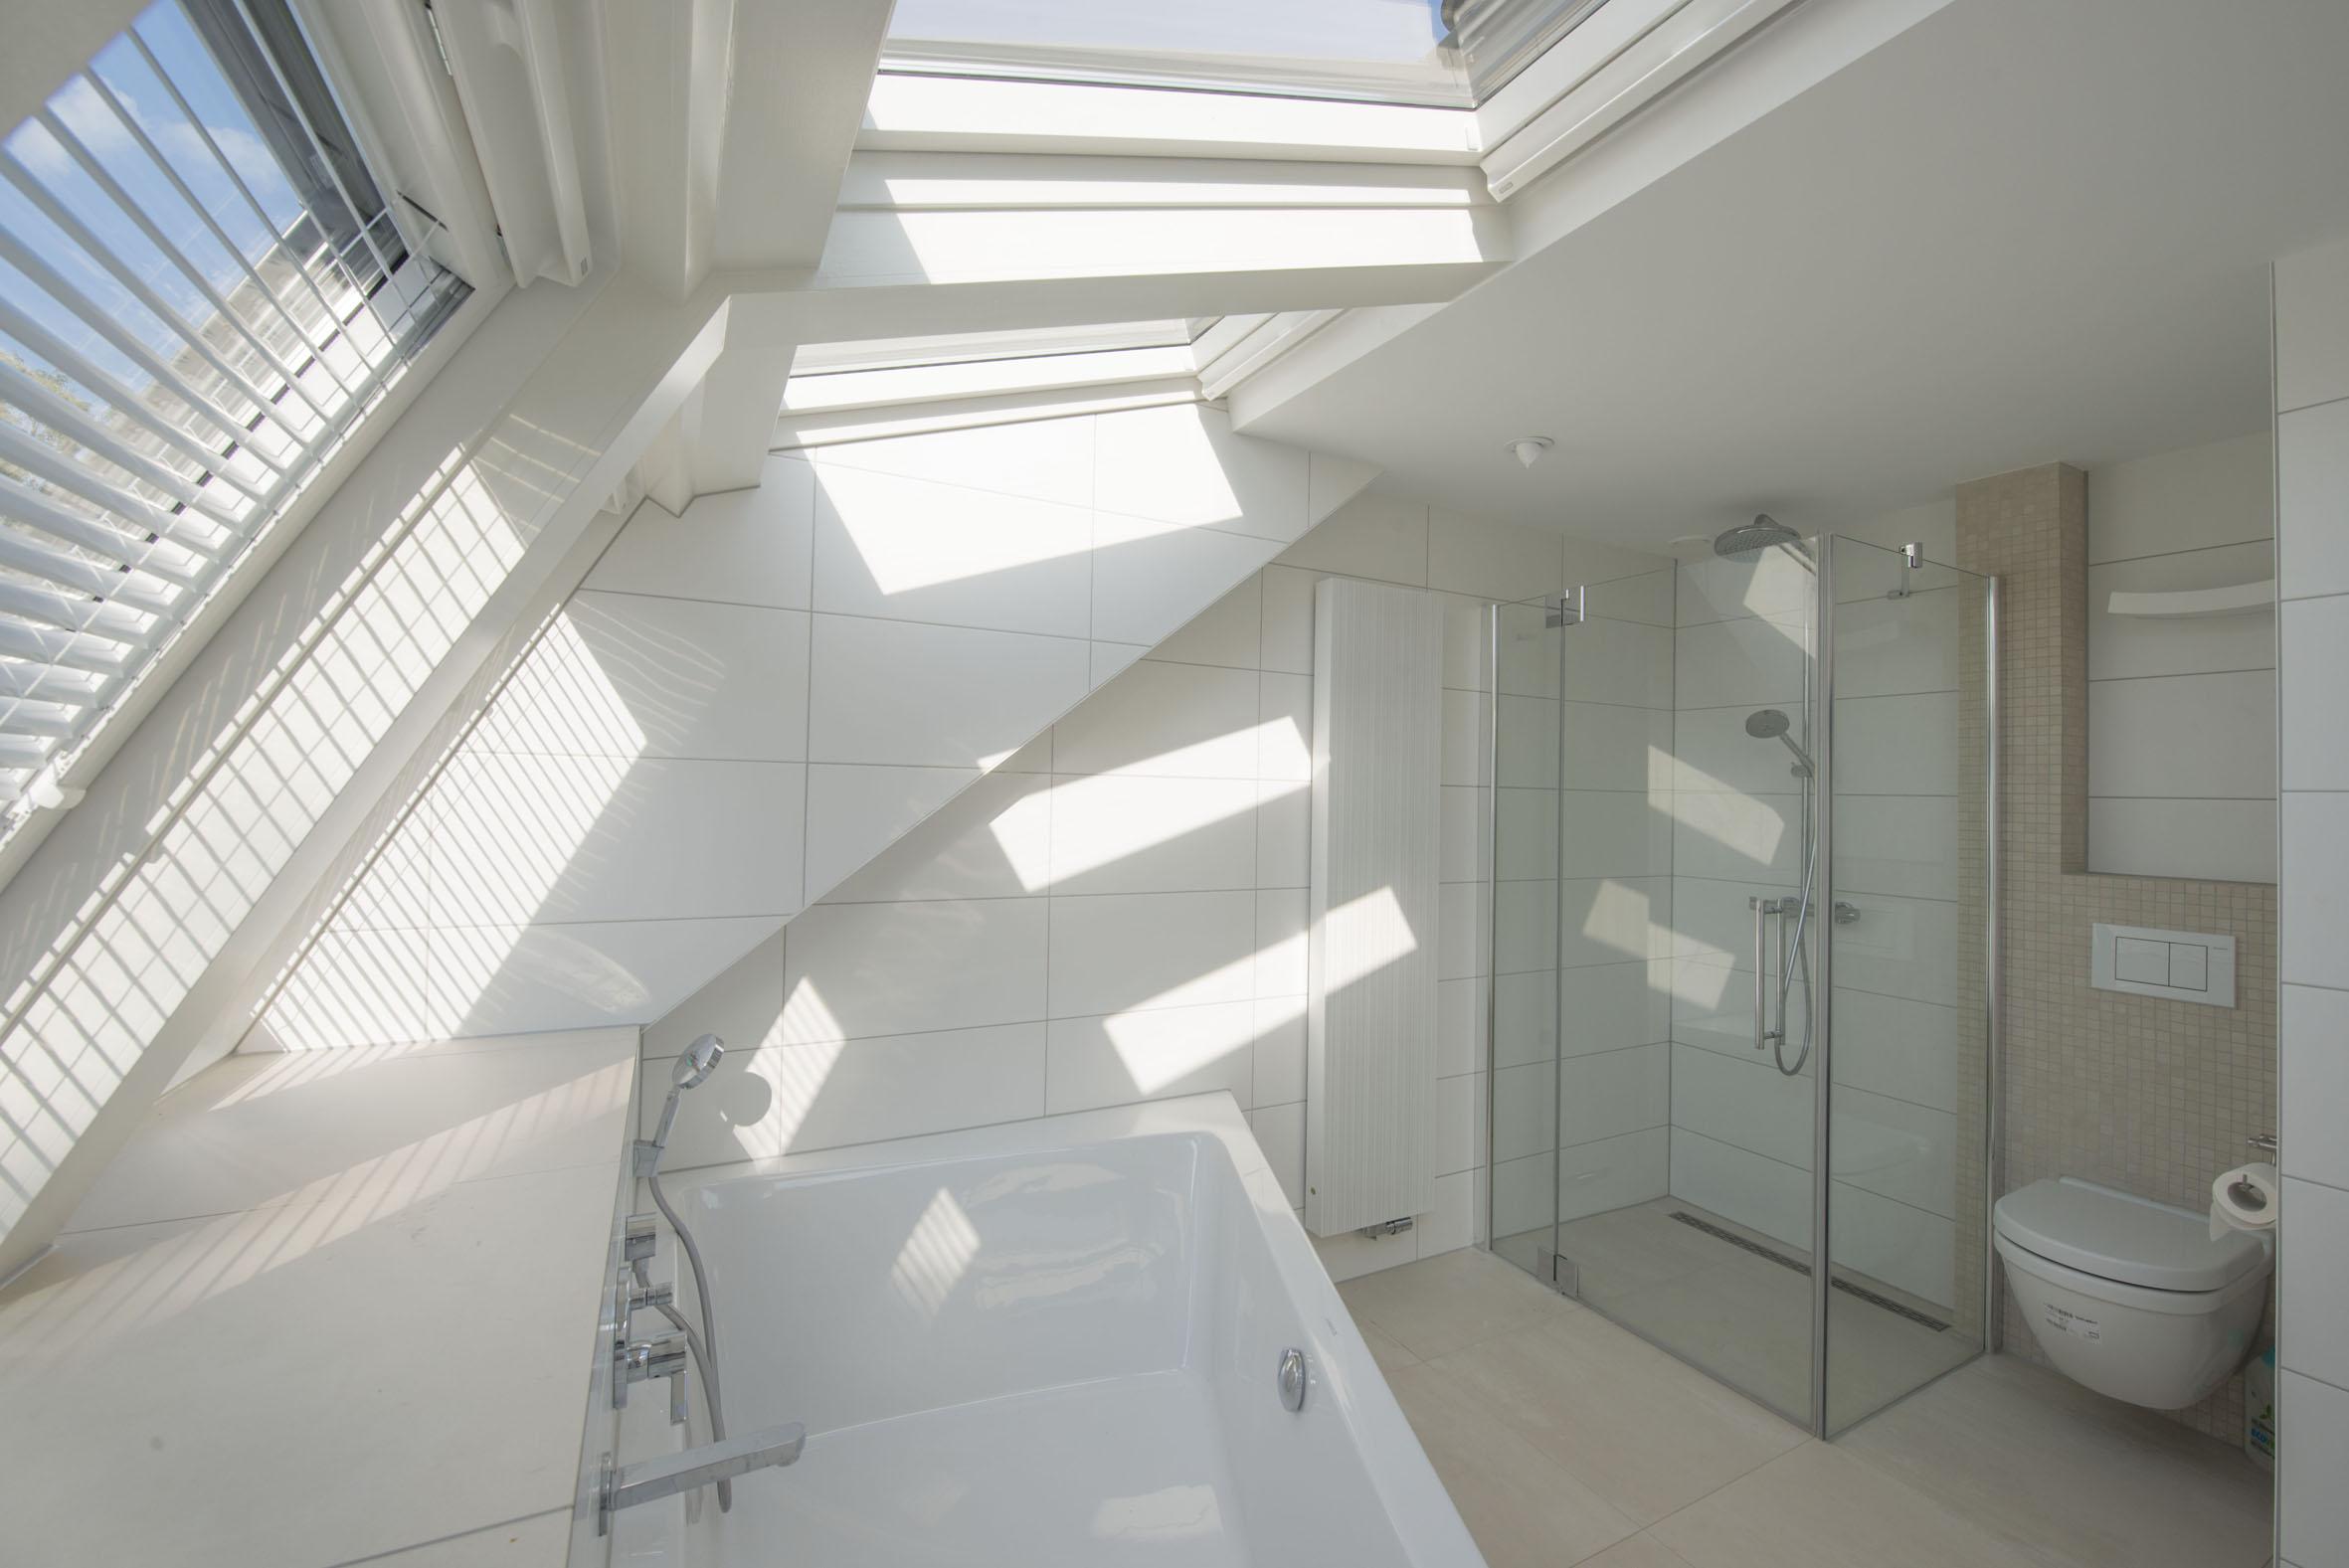 Badkamer Zolder Kosten : Badkamer plaatsen prijs top prijs bc van badkamer en glazen